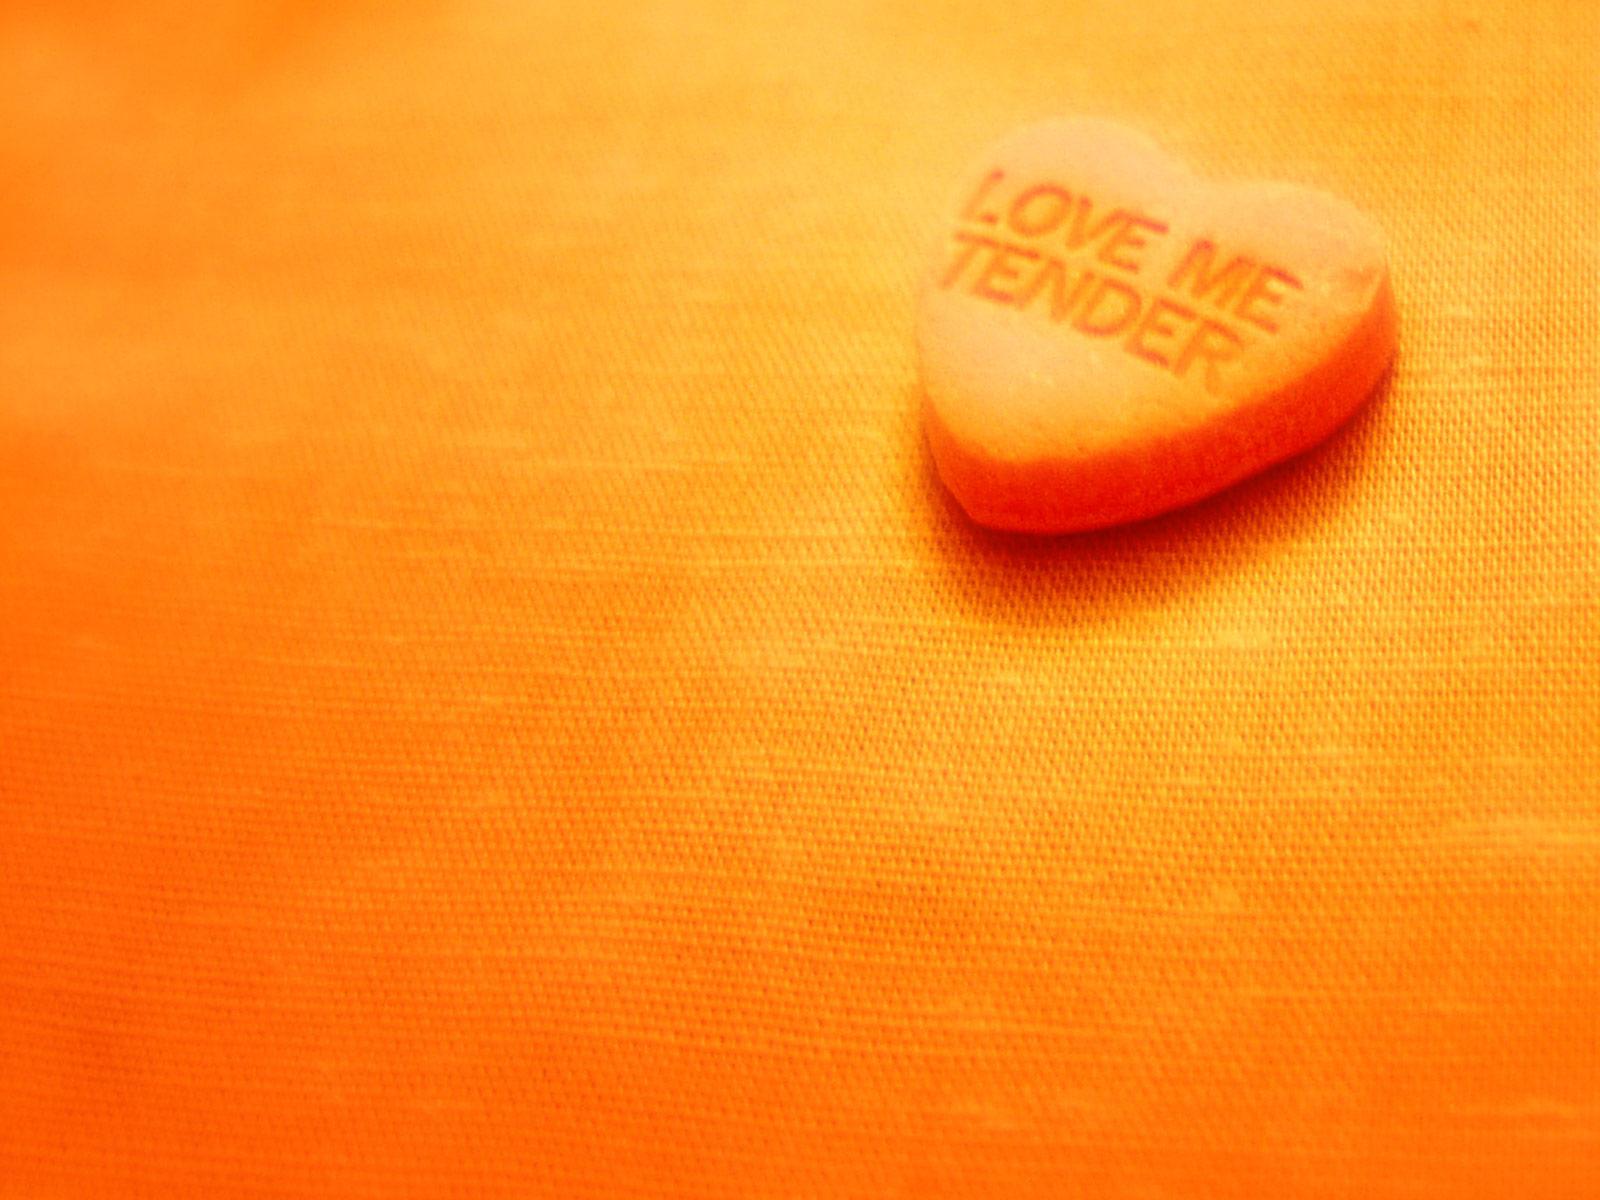 оранжевые обои, orange wallpaper, скачать фото, обои для рабочего стола, сердце